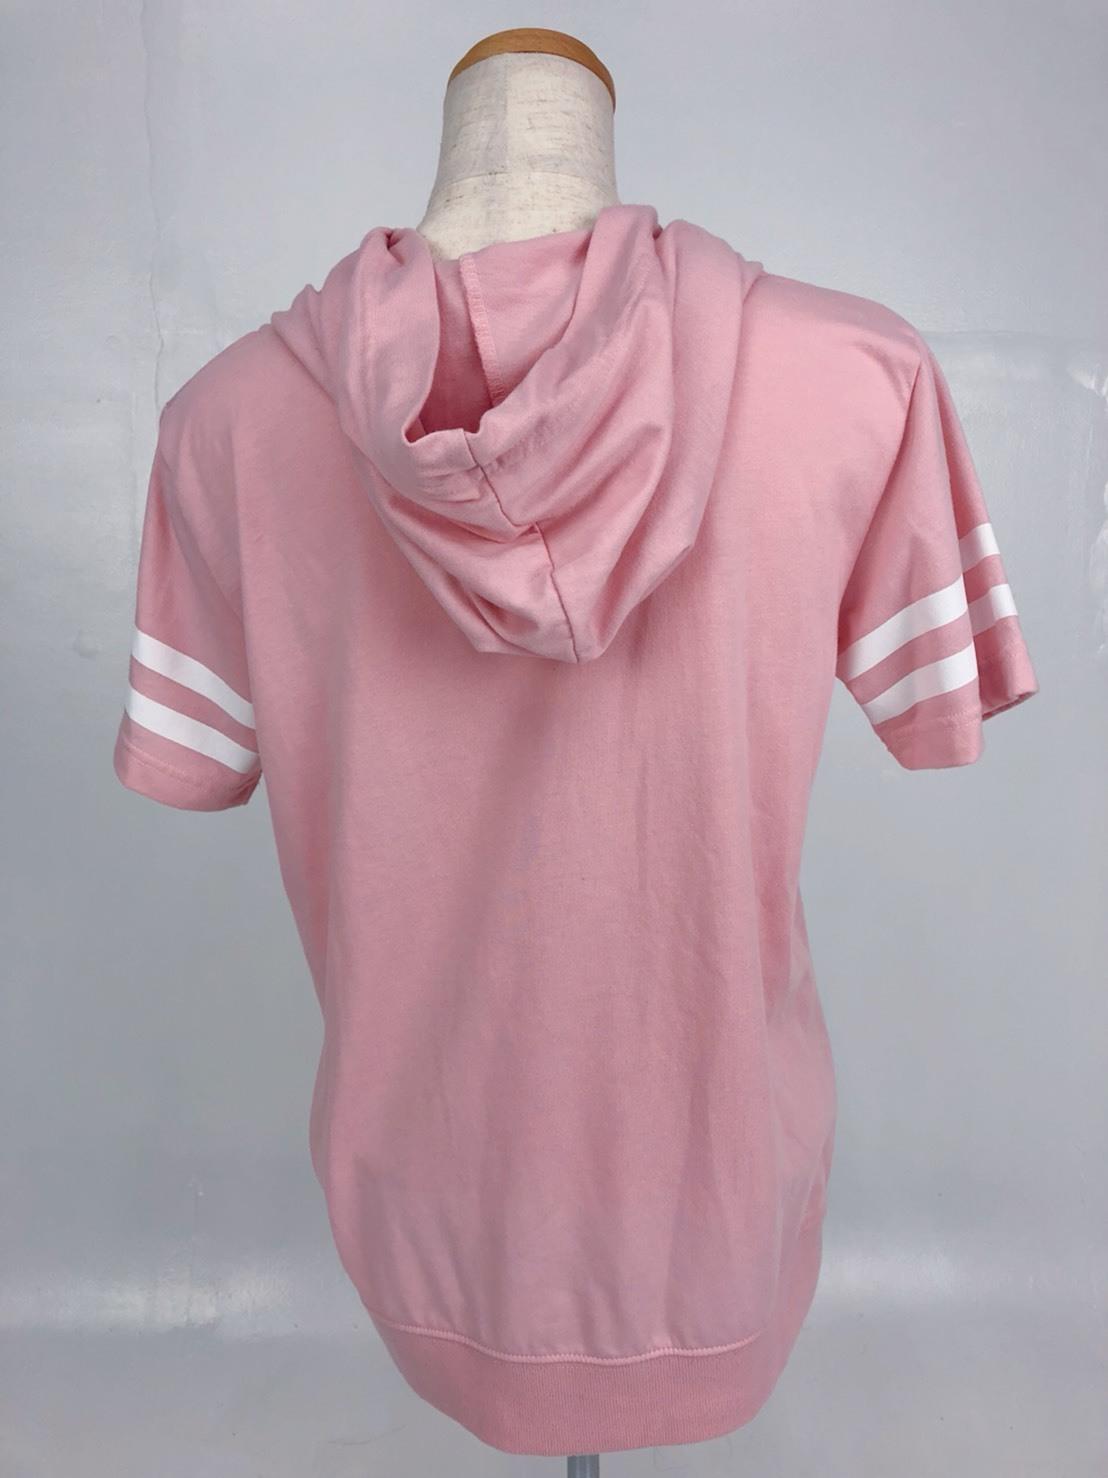 【古着】半袖ロゴ入りピンクパーカー